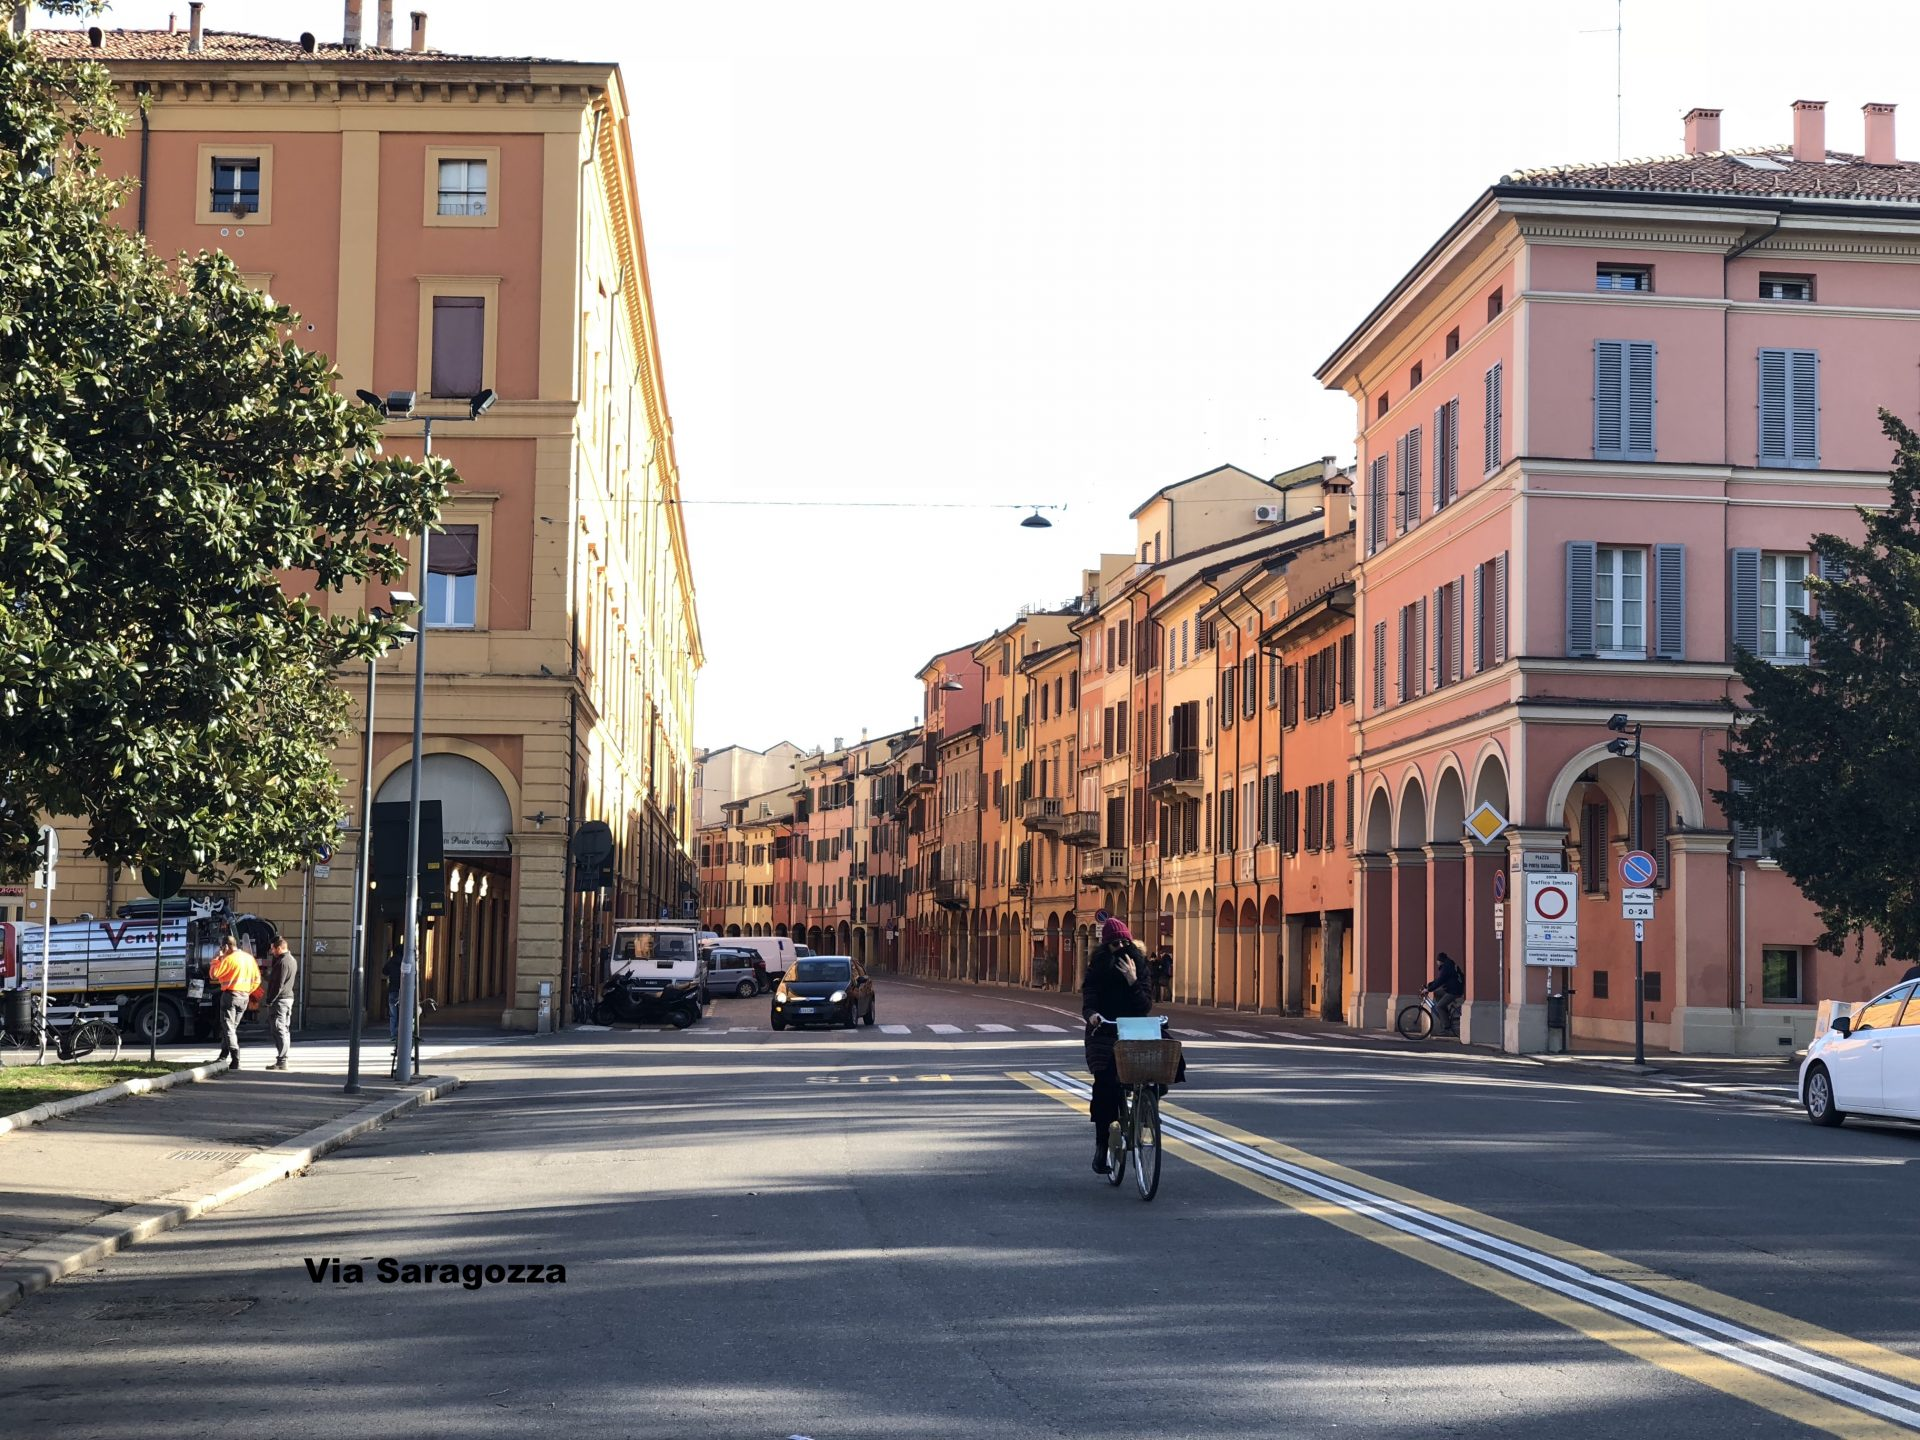 Bologna-Via Saragozza